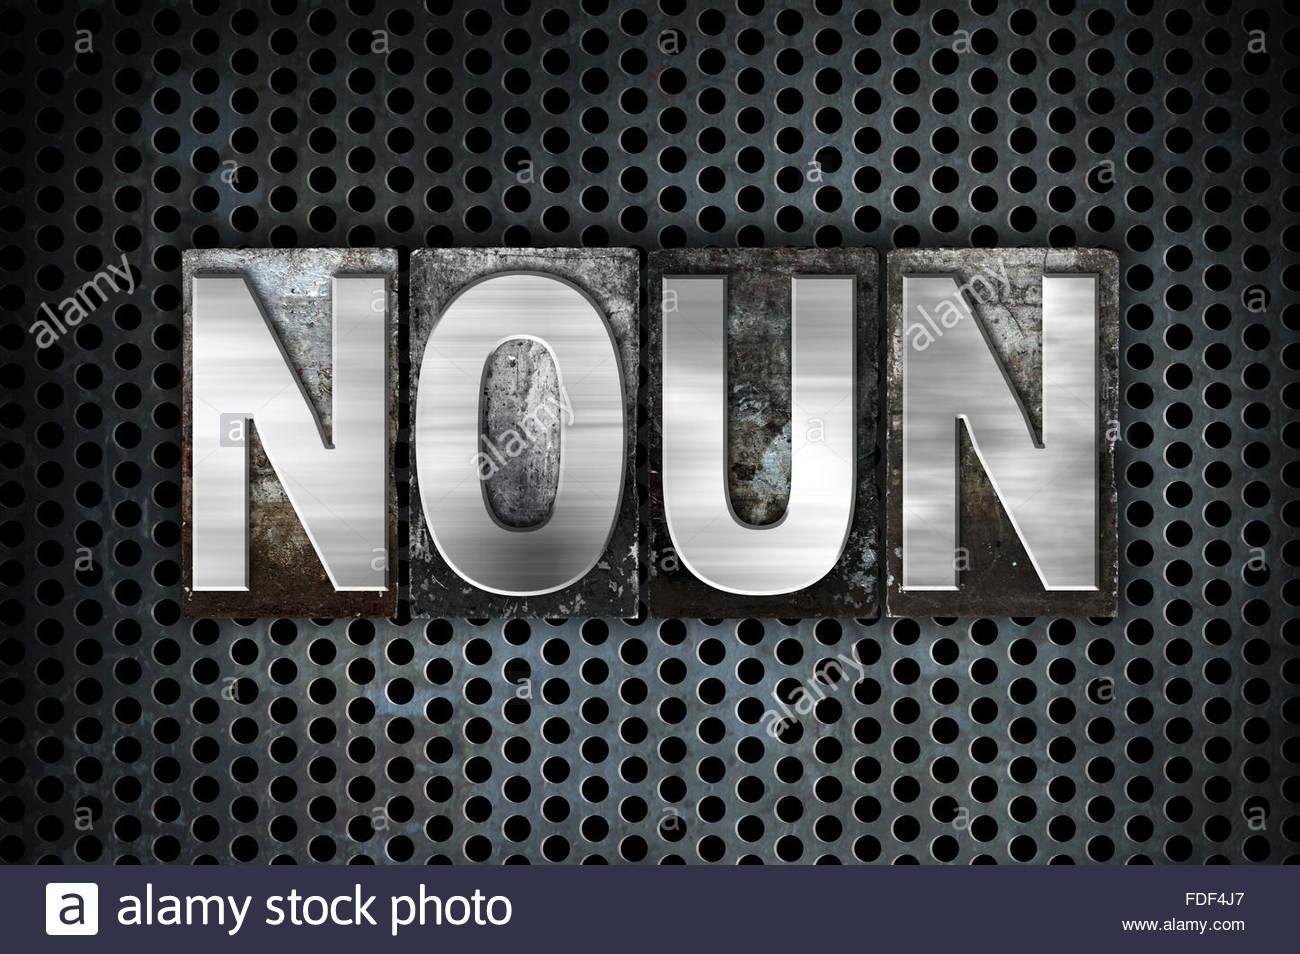 The word Noun written in vintage metal letterpress type on a 1300x954